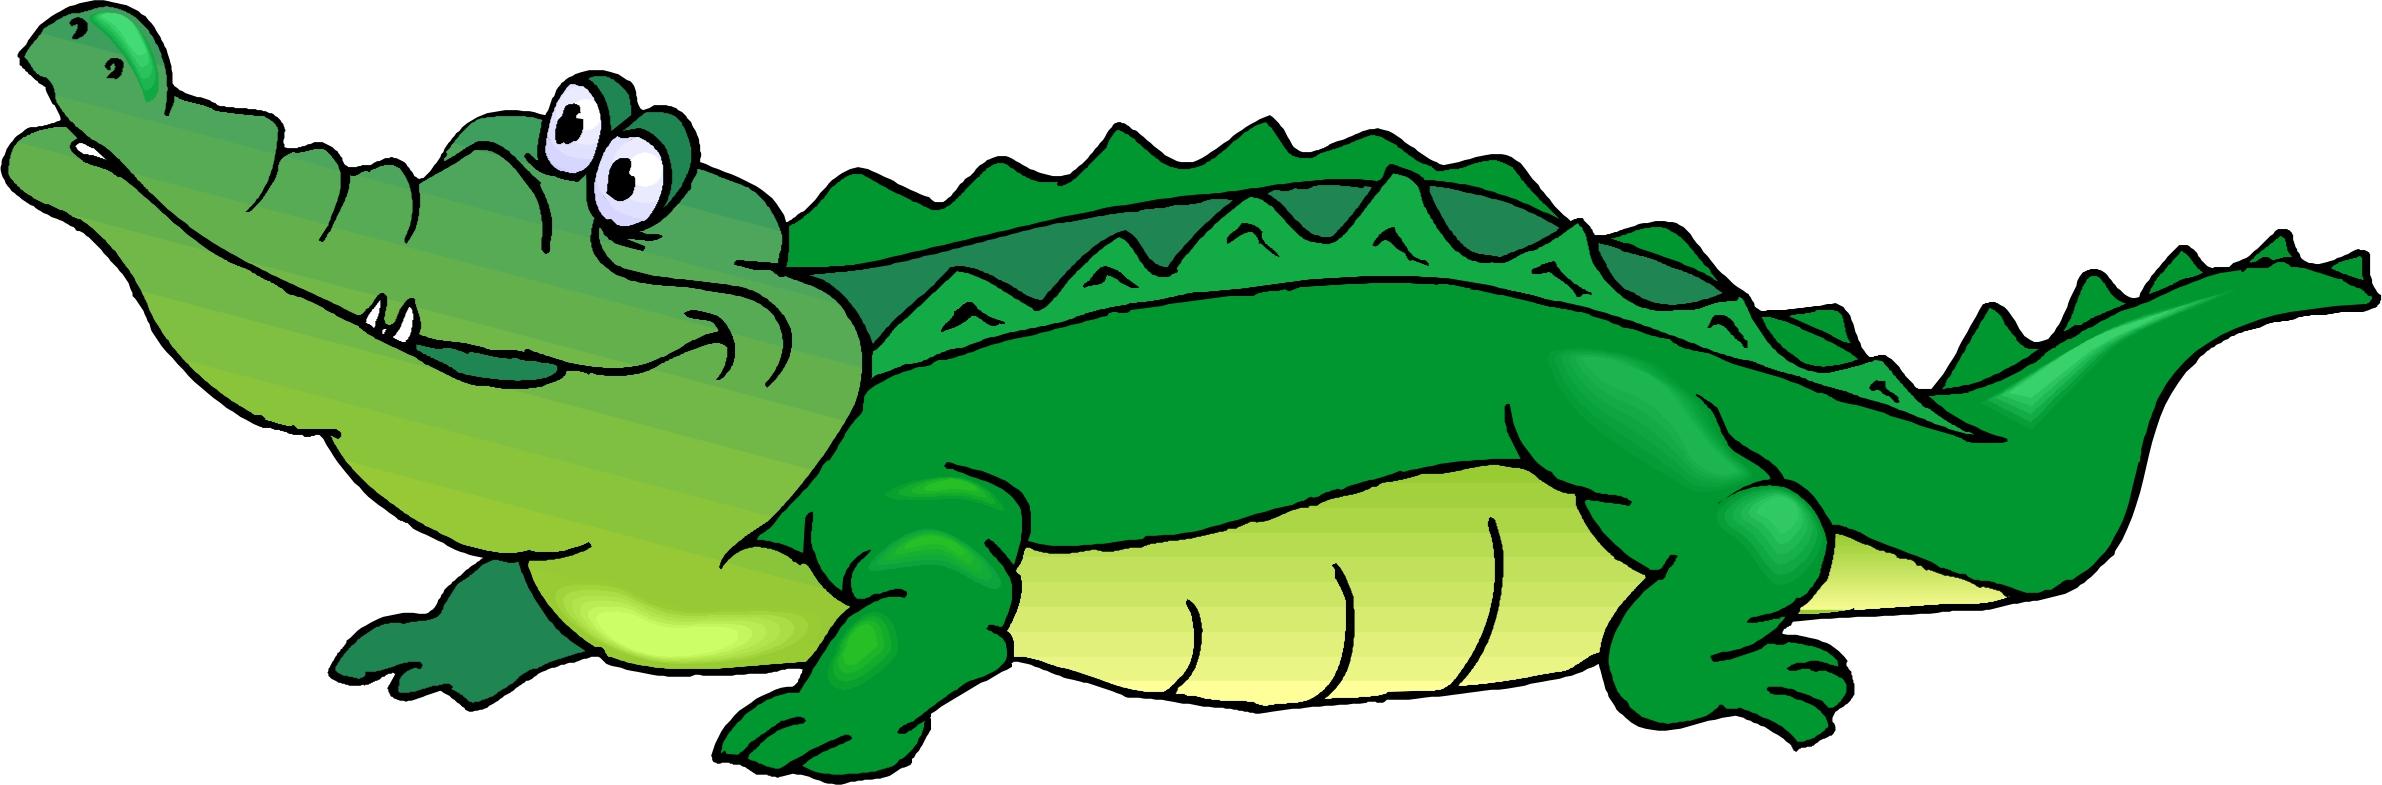 Cartoon Crocodile Clipart #1